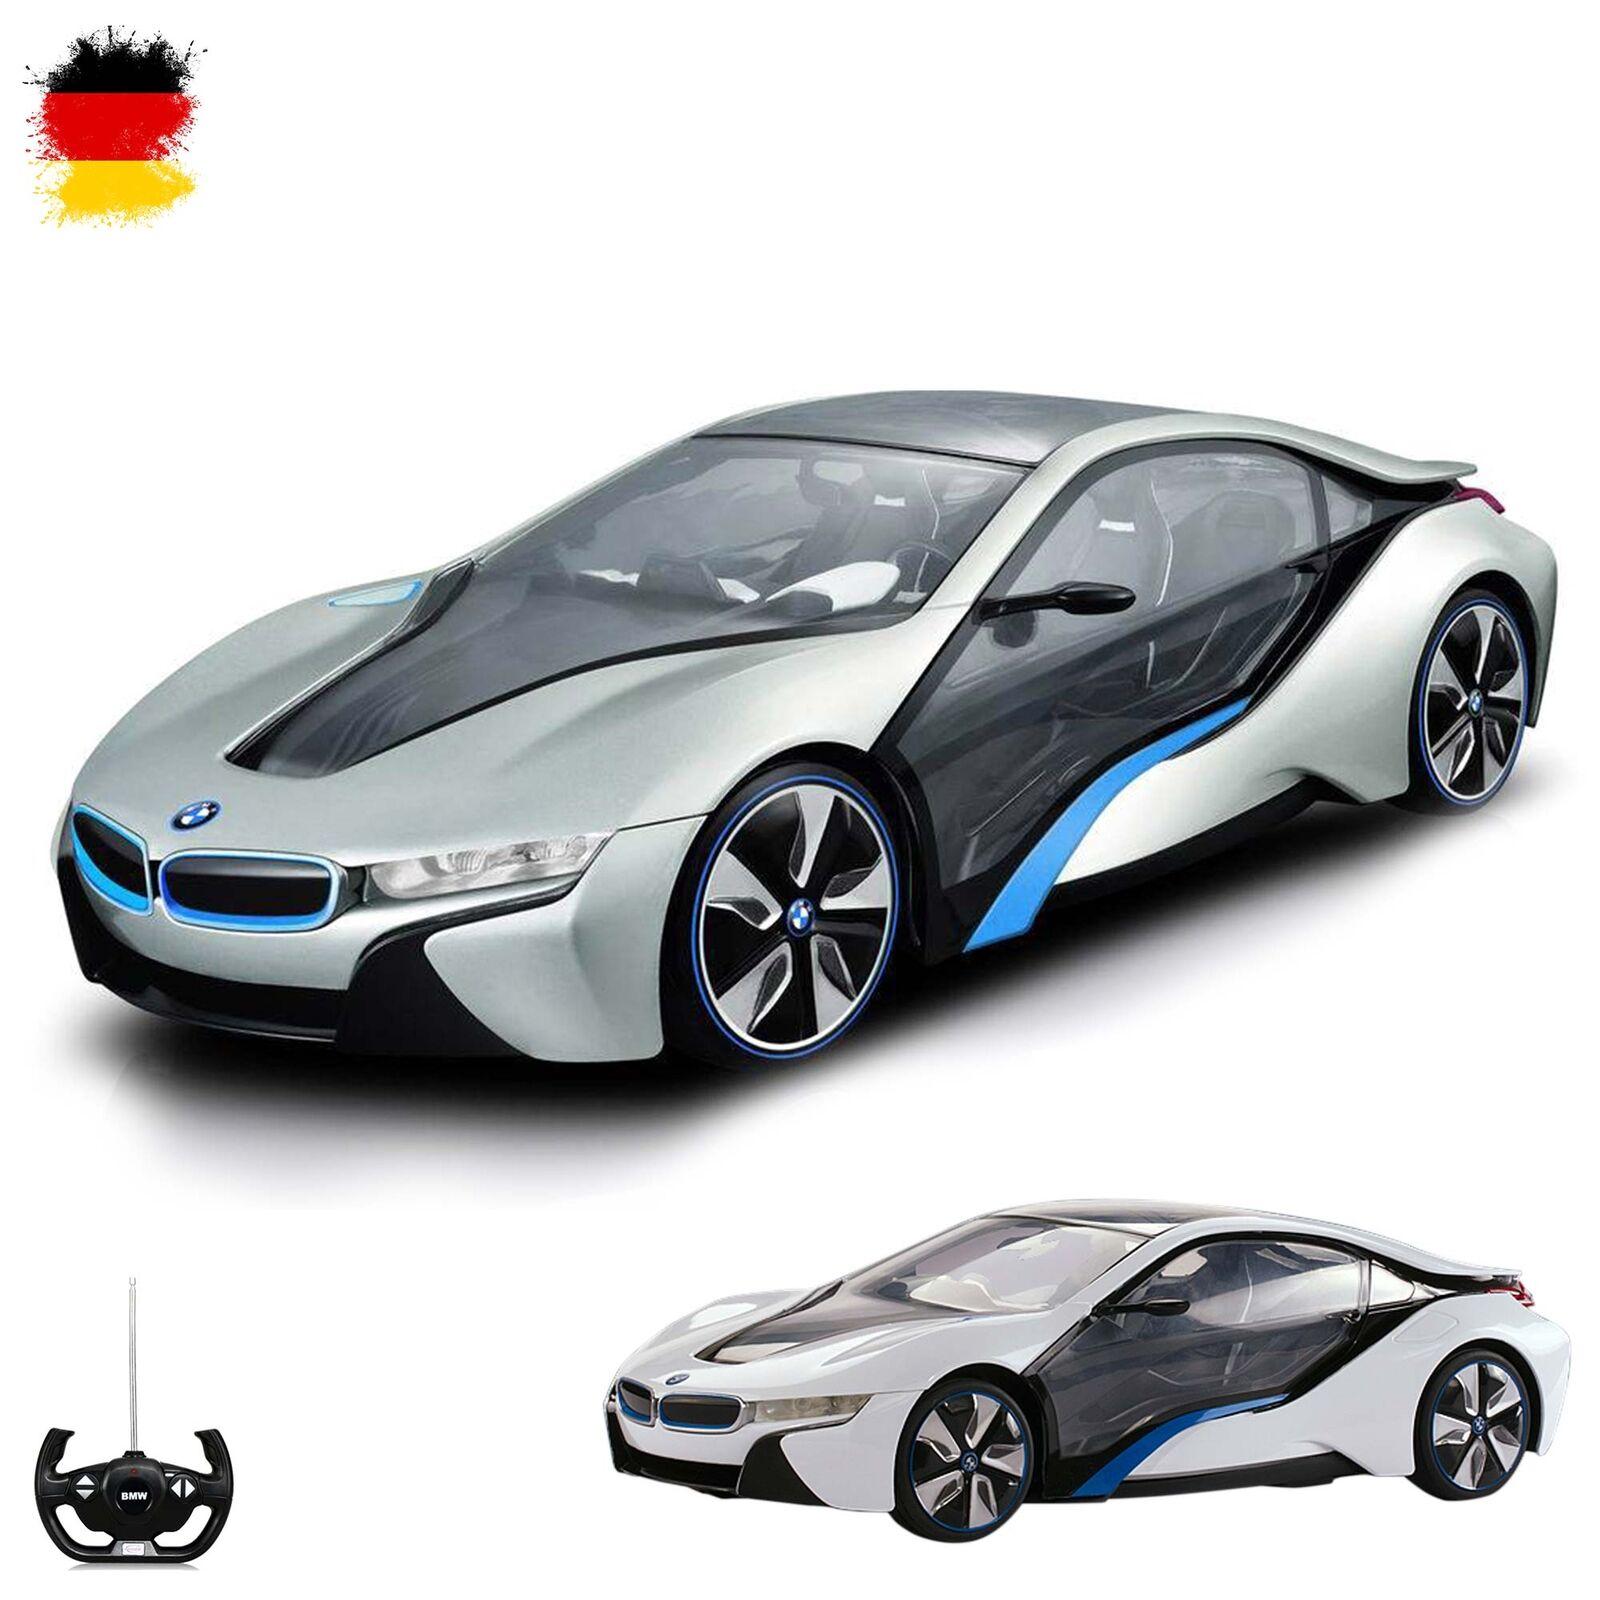 Original BMW i8 Vision Concept Car RC ferngesteuertes Auto Modell Fahrzeug Neu